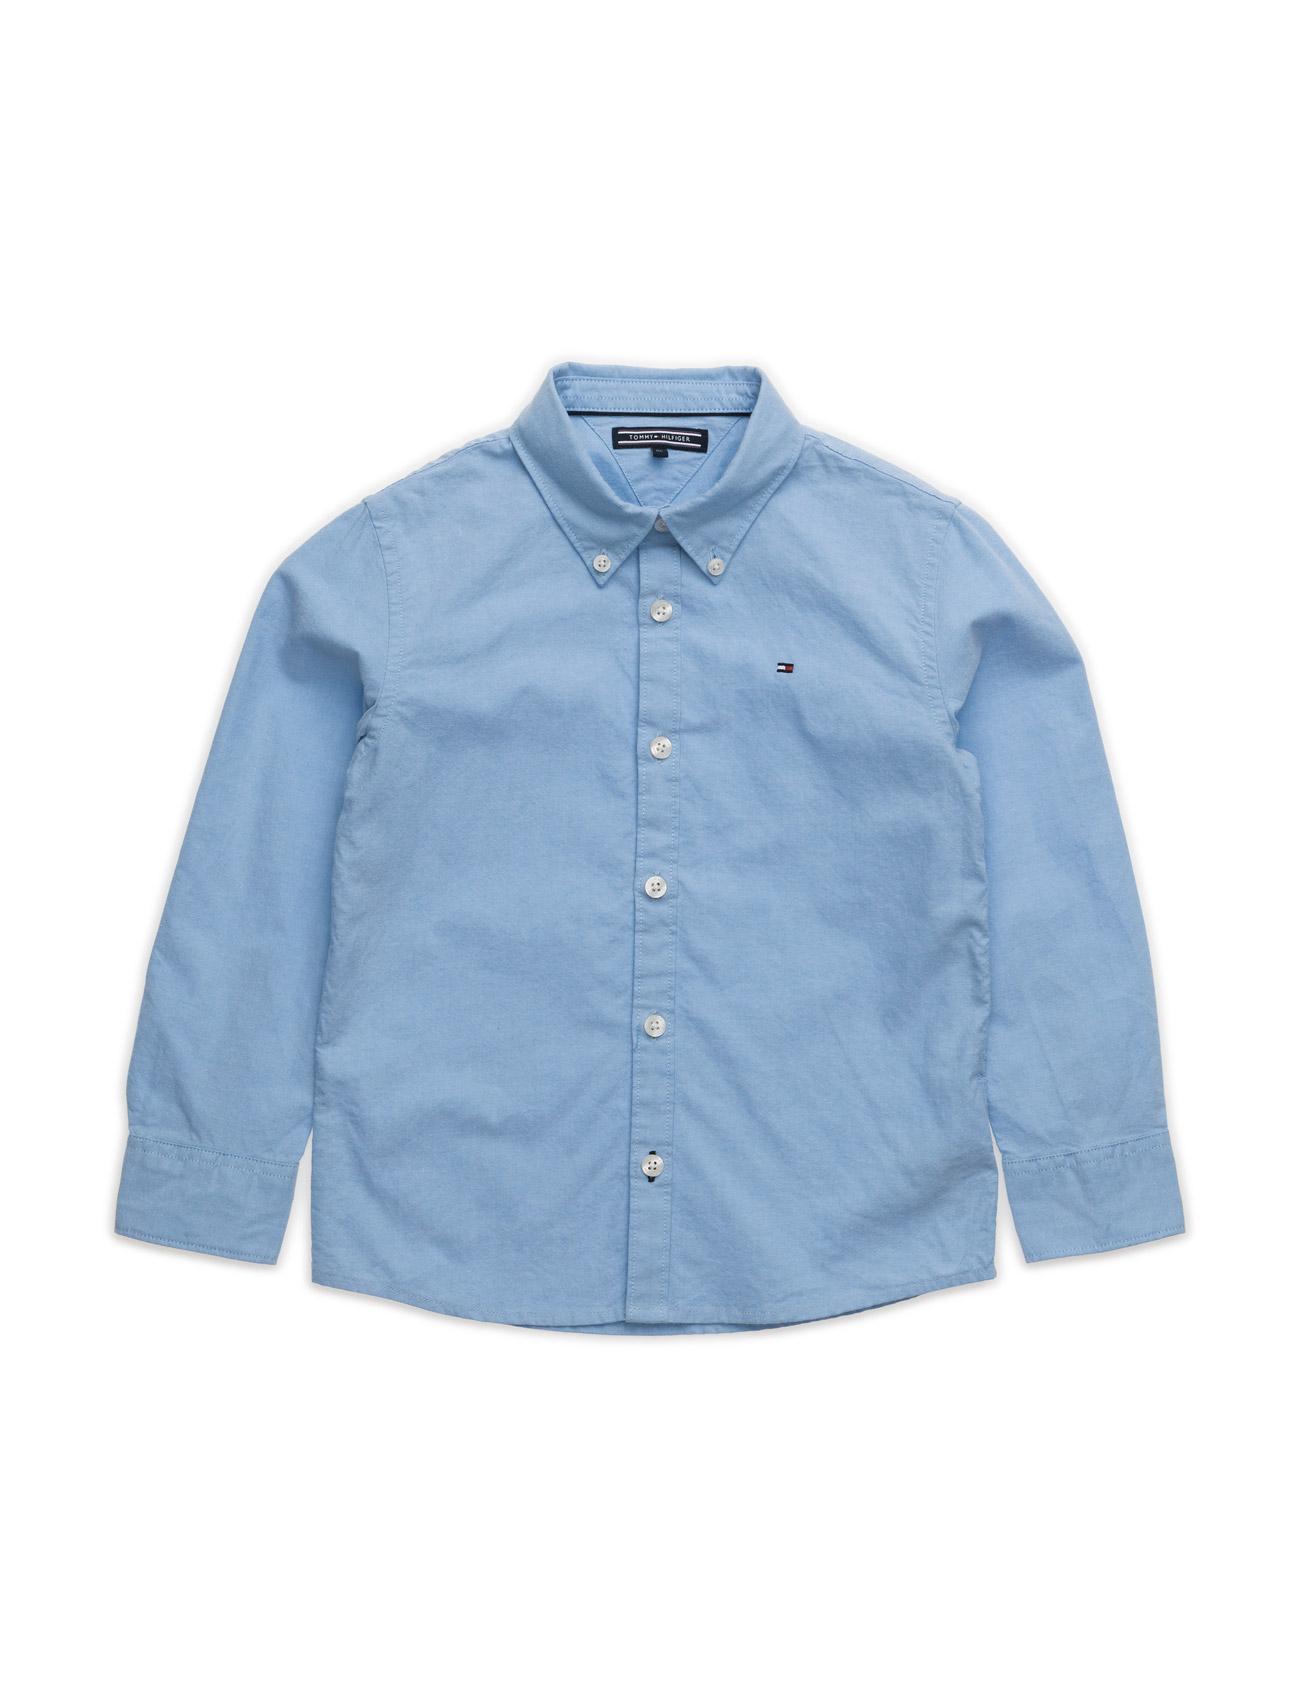 Solid Oxford Shirt L/S. Tommy Hilfiger Trøjer til Drenge i Blå